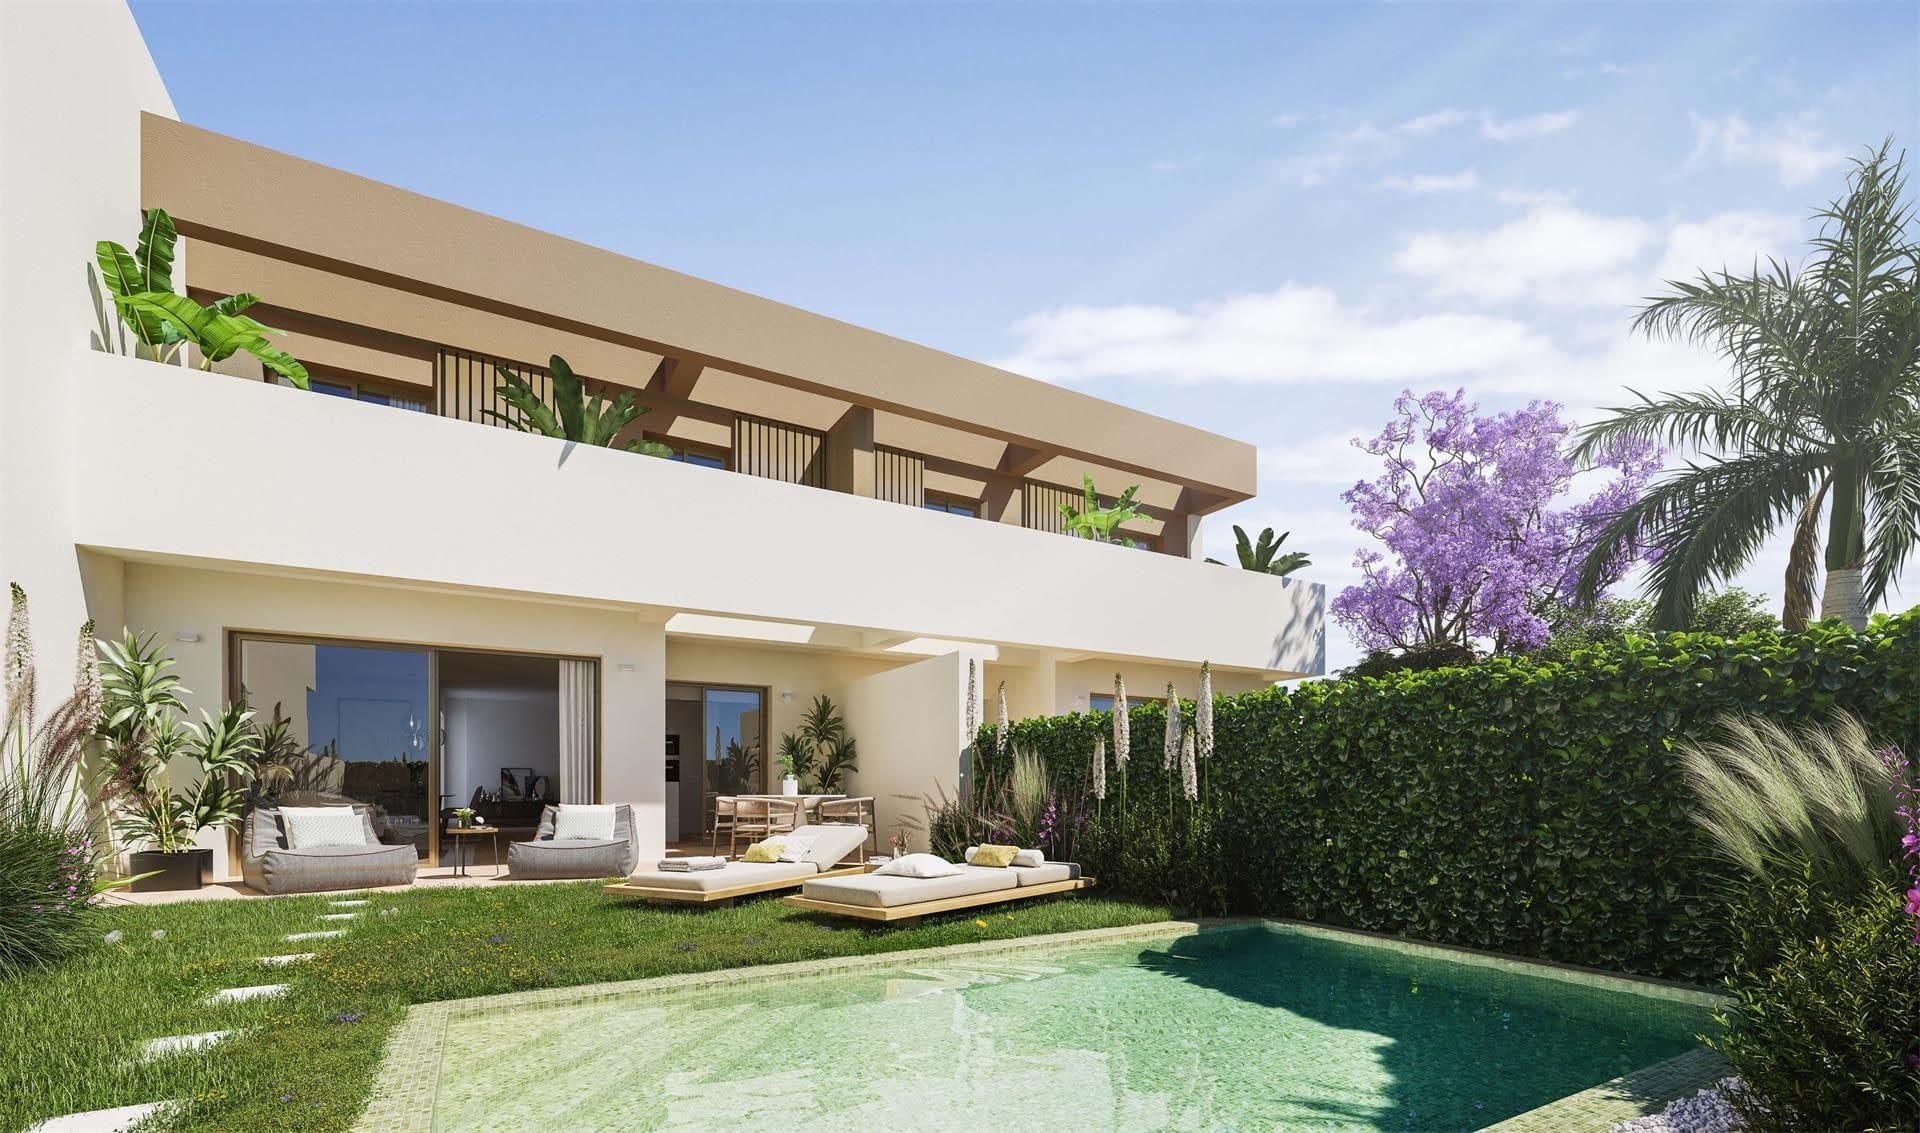 Villen in der Nähe des Zentrums und des Strandes in Alicante